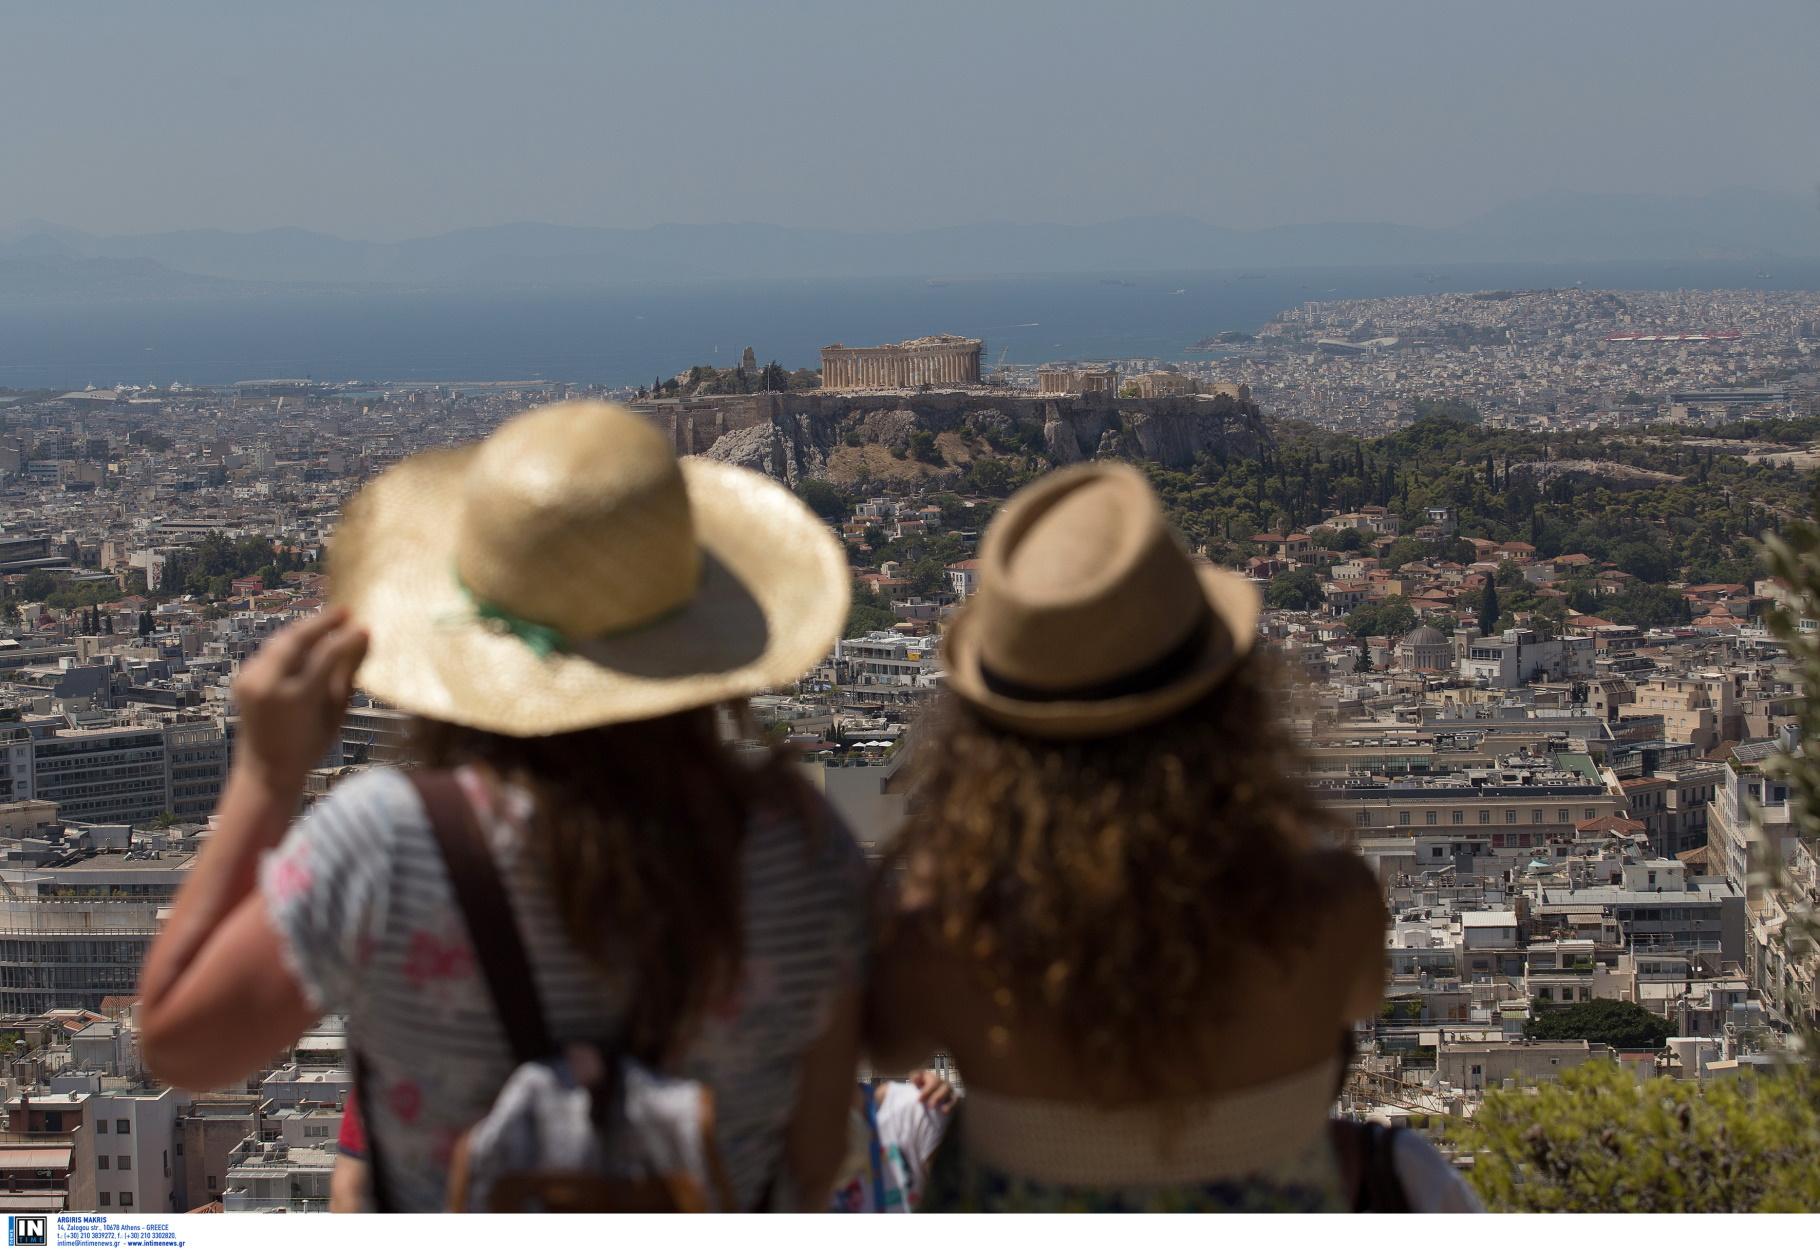 Σύψας: Αν τα κρούσματα αυξηθούν πολύ μπορεί να σταματήσει ο τουρισμός